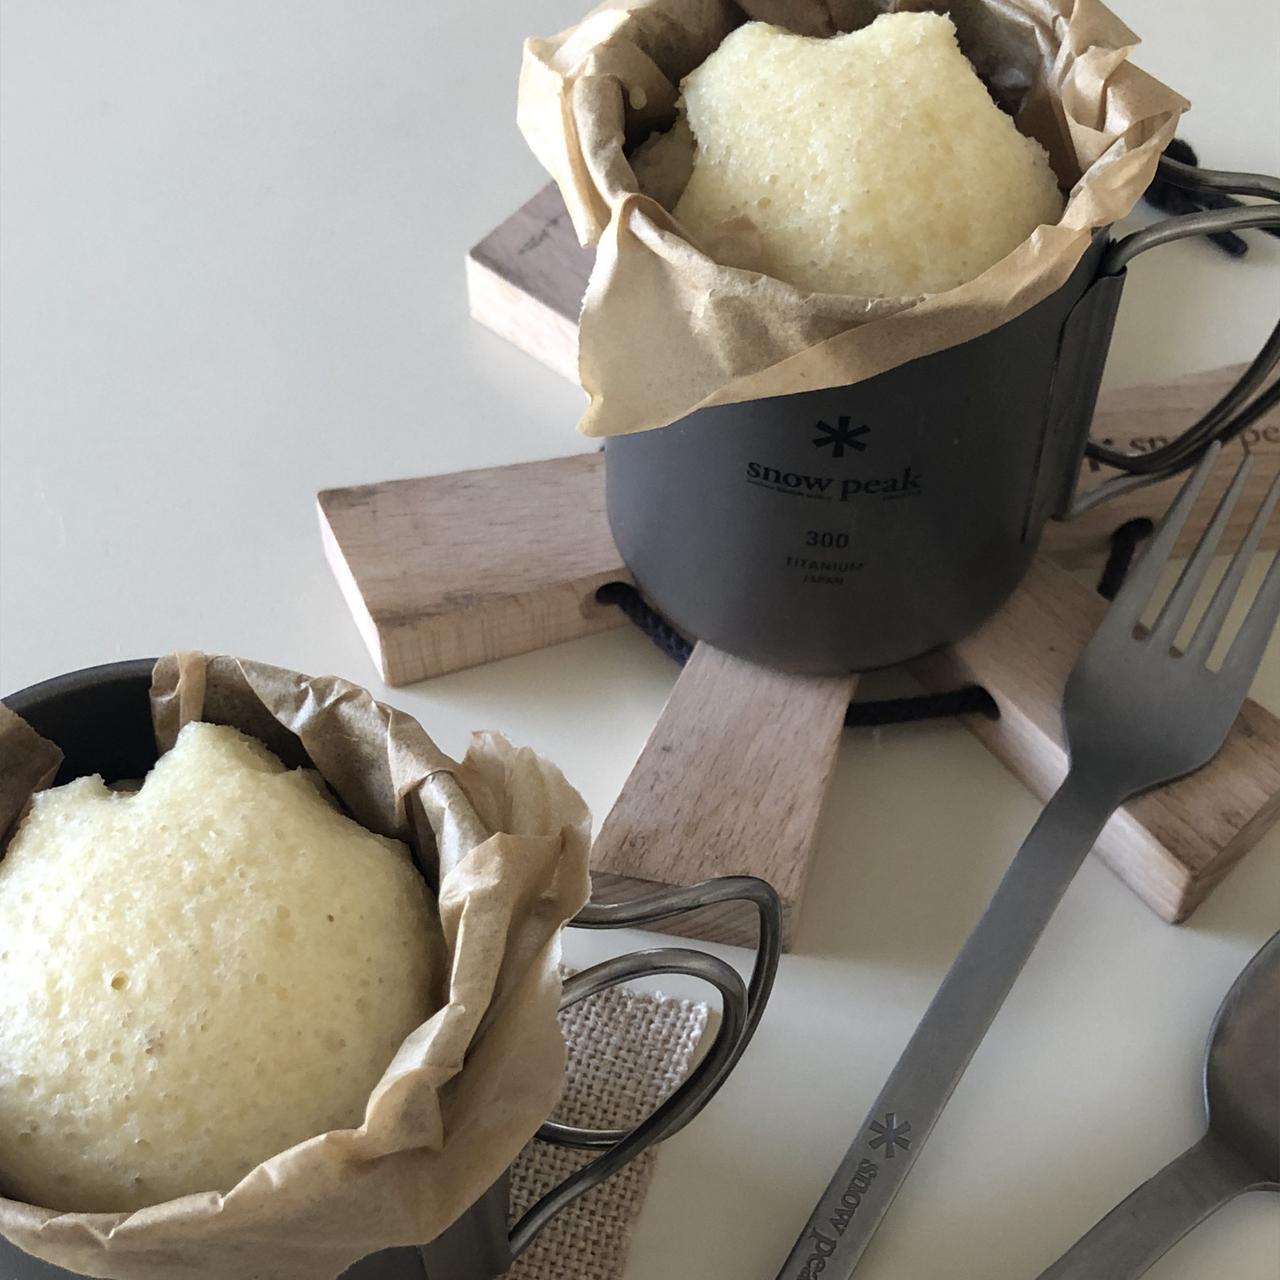 画像: チタンシングルマグ300でつくる、ふわふわ蒸しパン | THE SNOW PEAK WAY